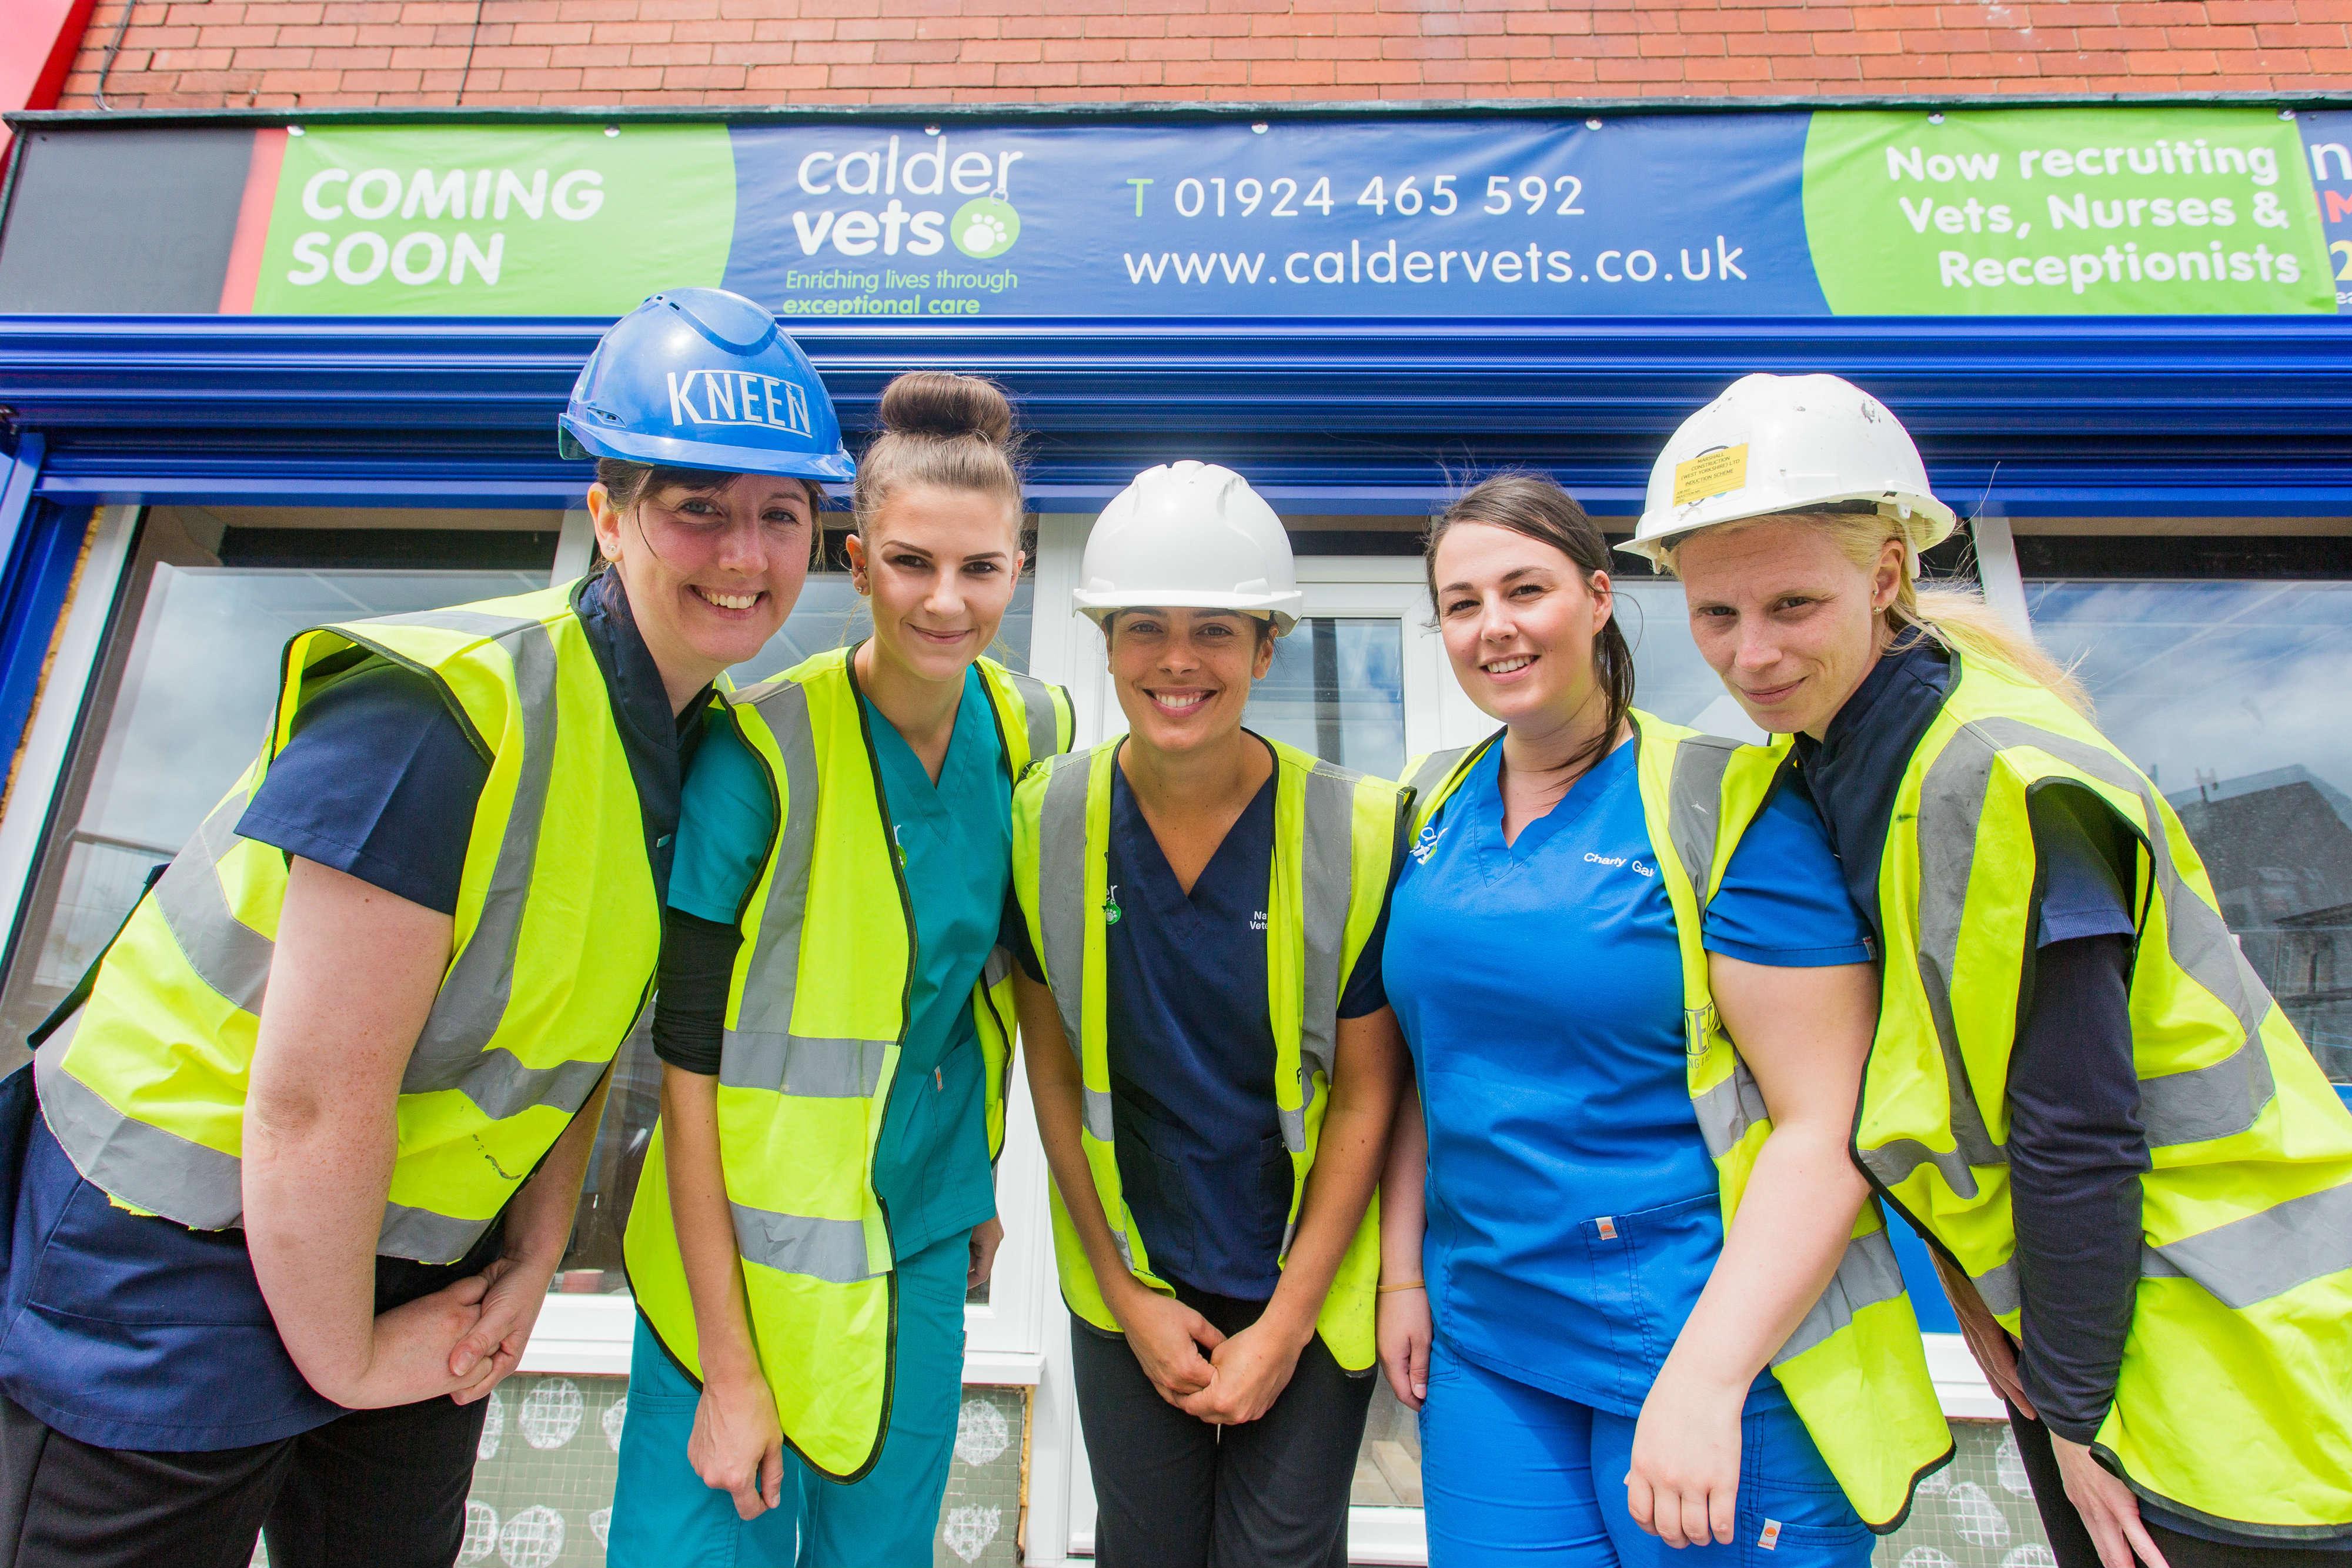 Calder Vets new branch in Halton, Leeds